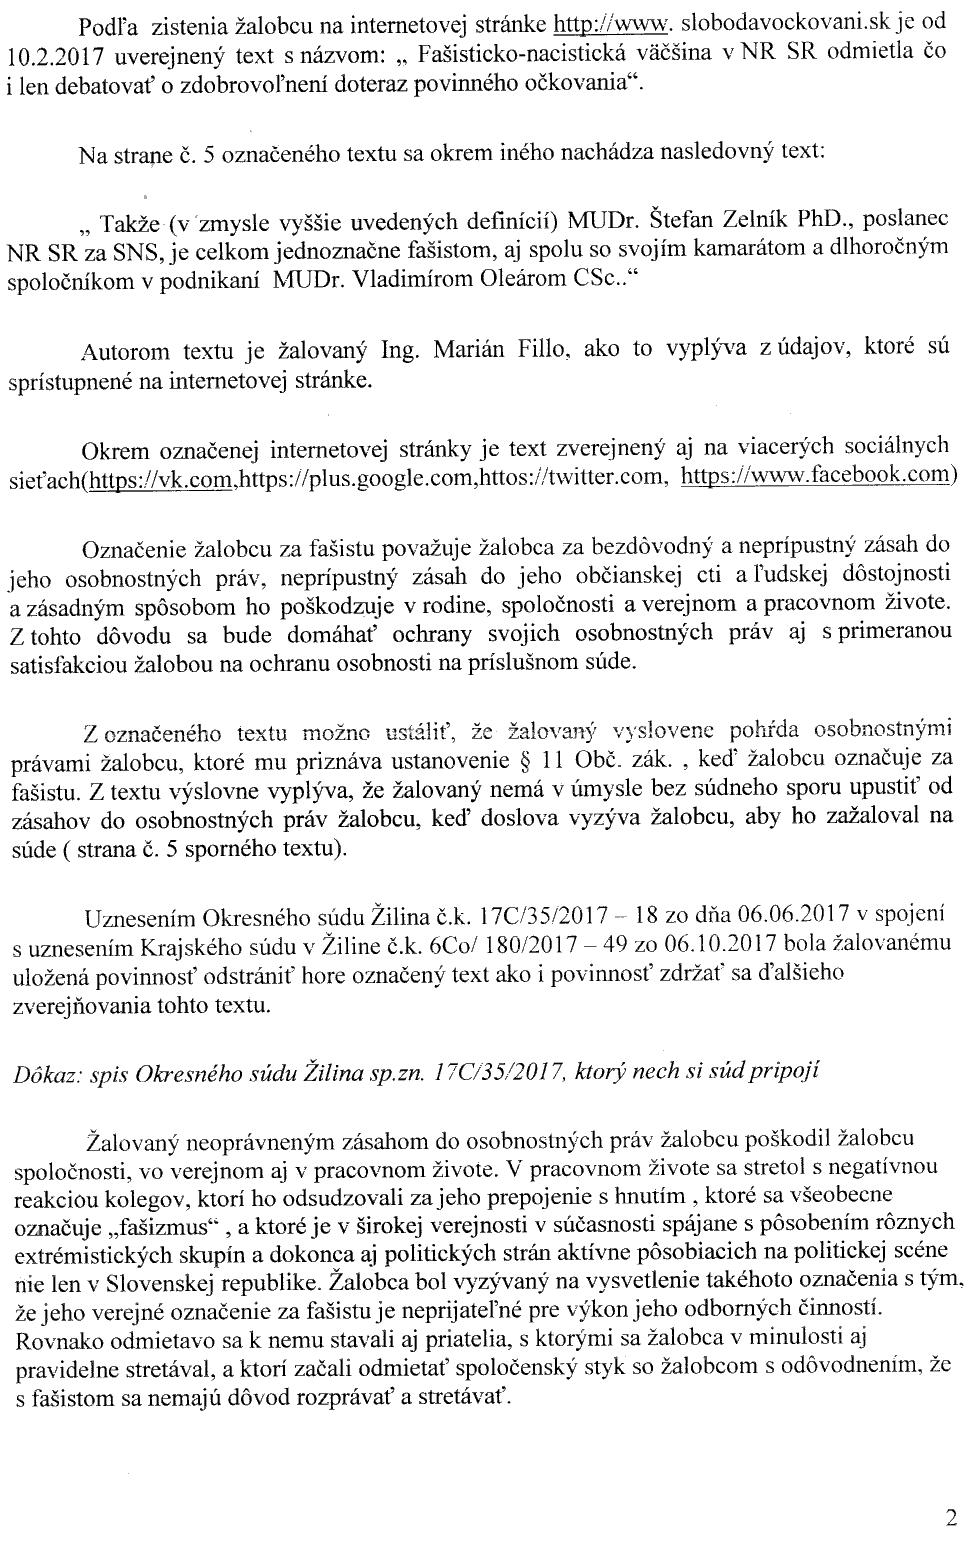 Strana 2 žaloby